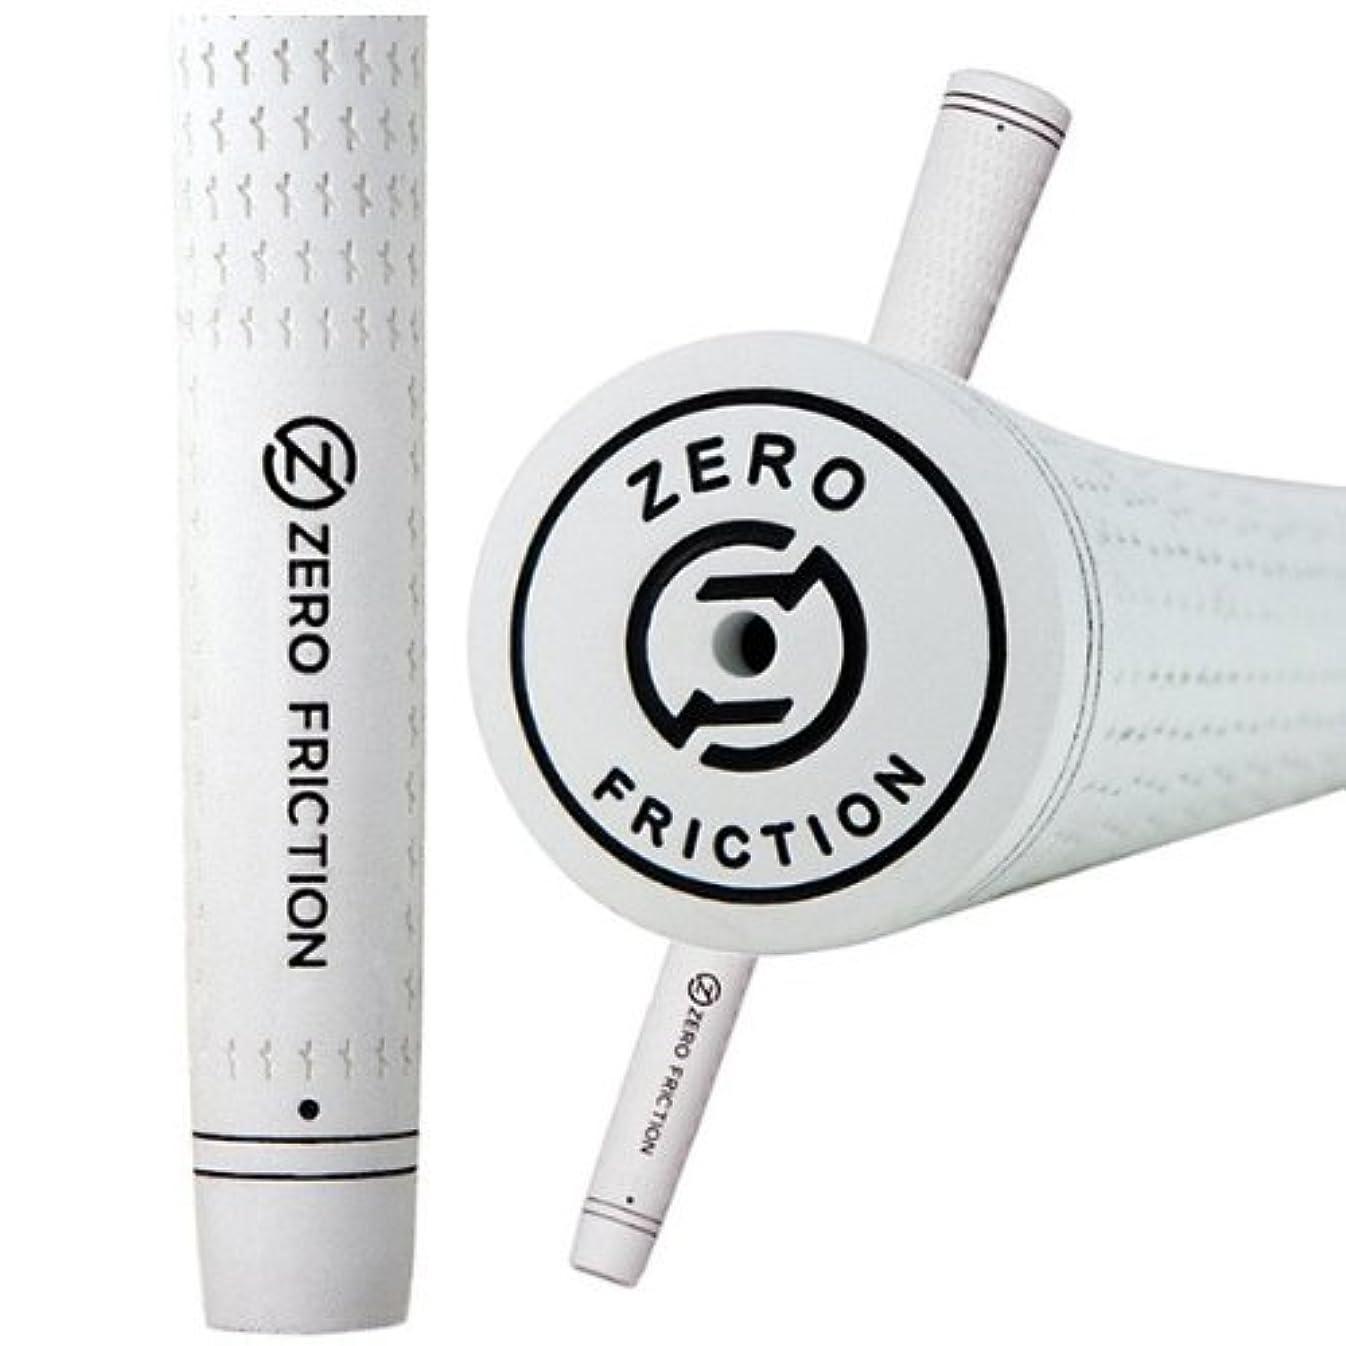 パリティ上へ振動するZero Friction Advantageグリップ(ホワイト、.600?)ゴルフ